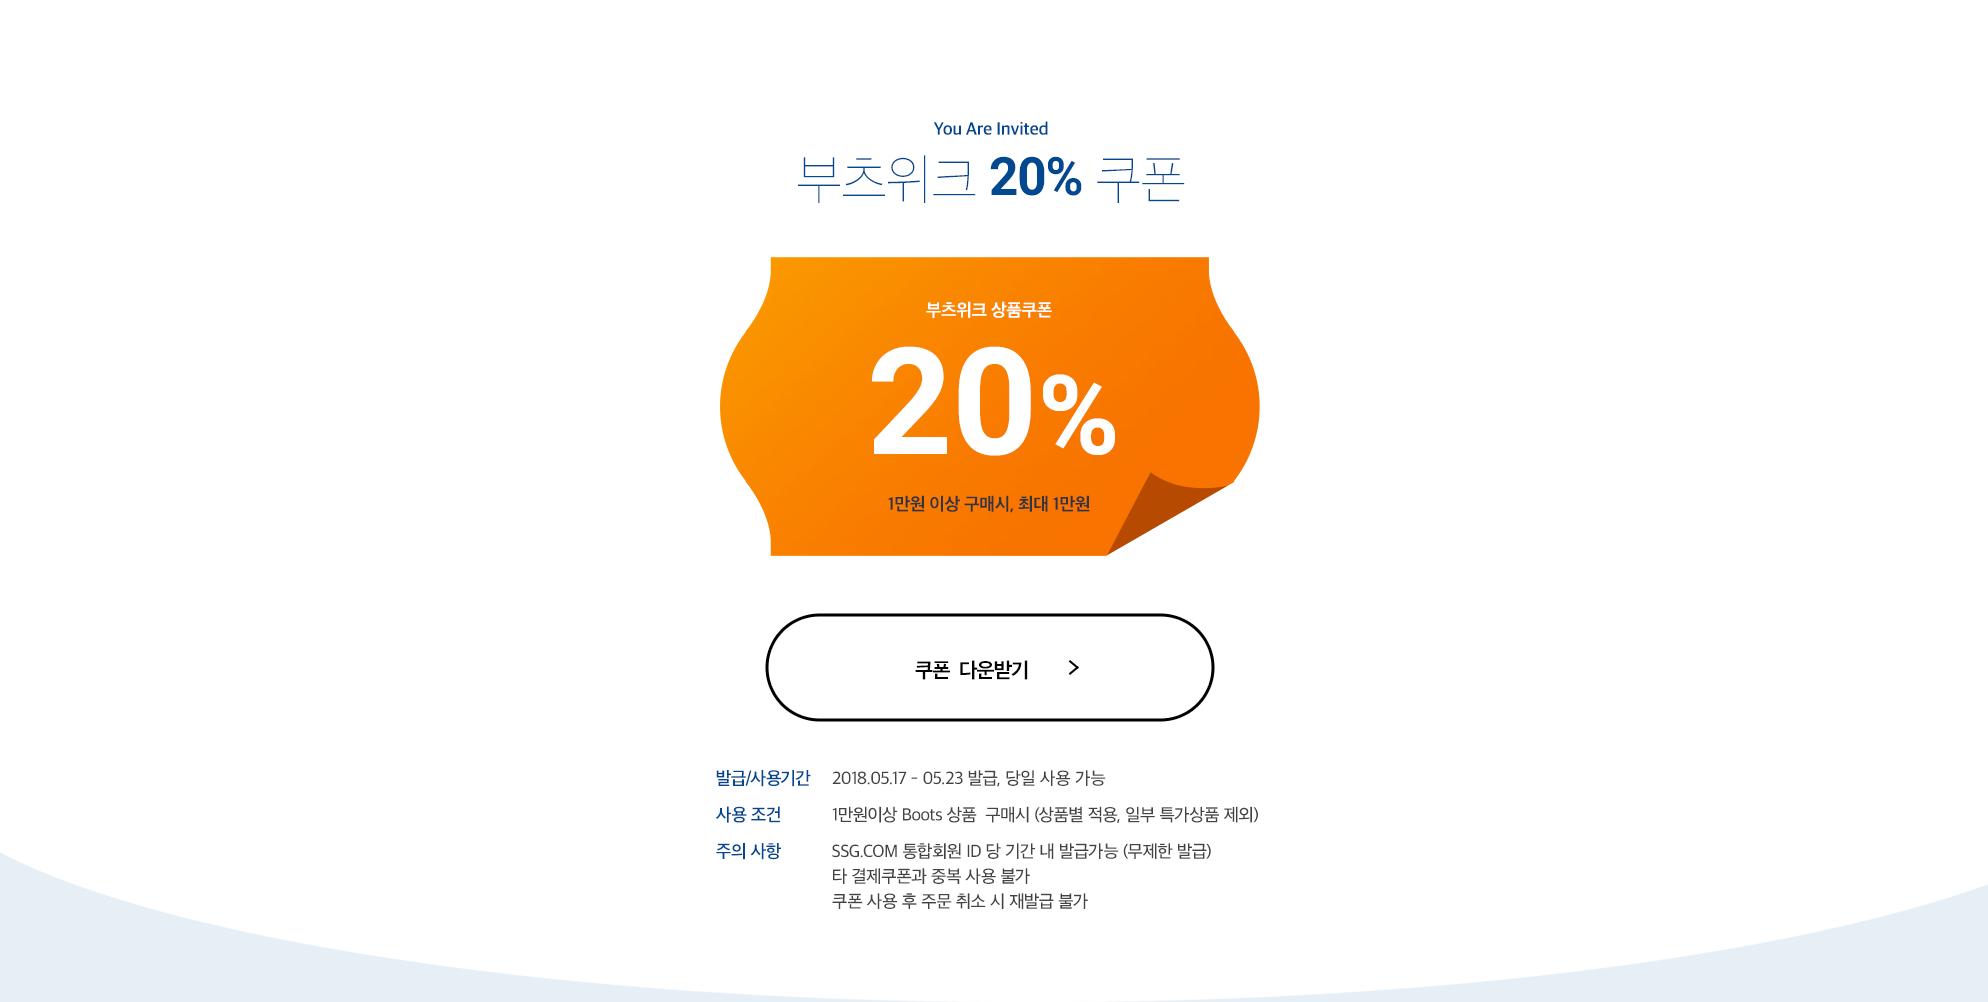 부츠위크 20% 상품쿠폰 (1만원 이상 구매시, 최대 1만원)